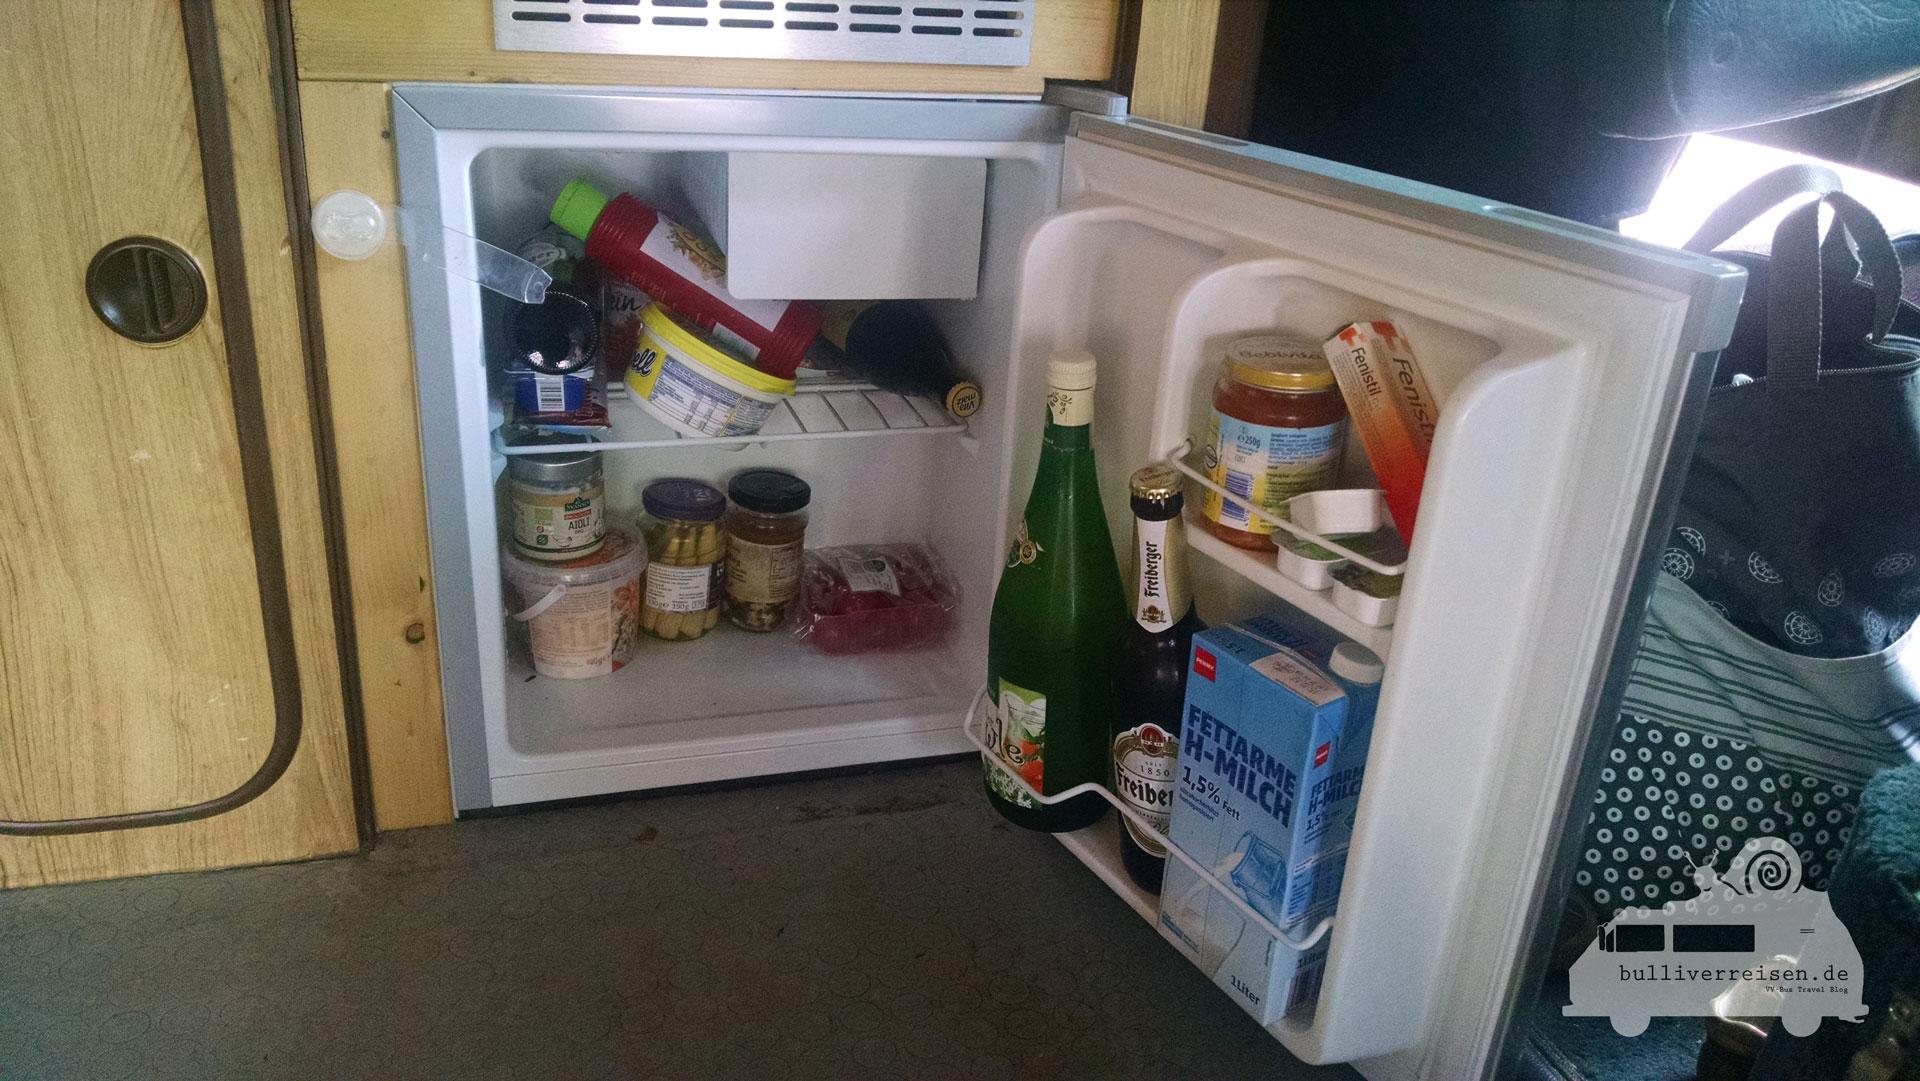 Gorenje Kühlschrank Wasser Fließt Nicht Ab : Wasser im kühlschrank sidebyside kühlschrank a midea ks